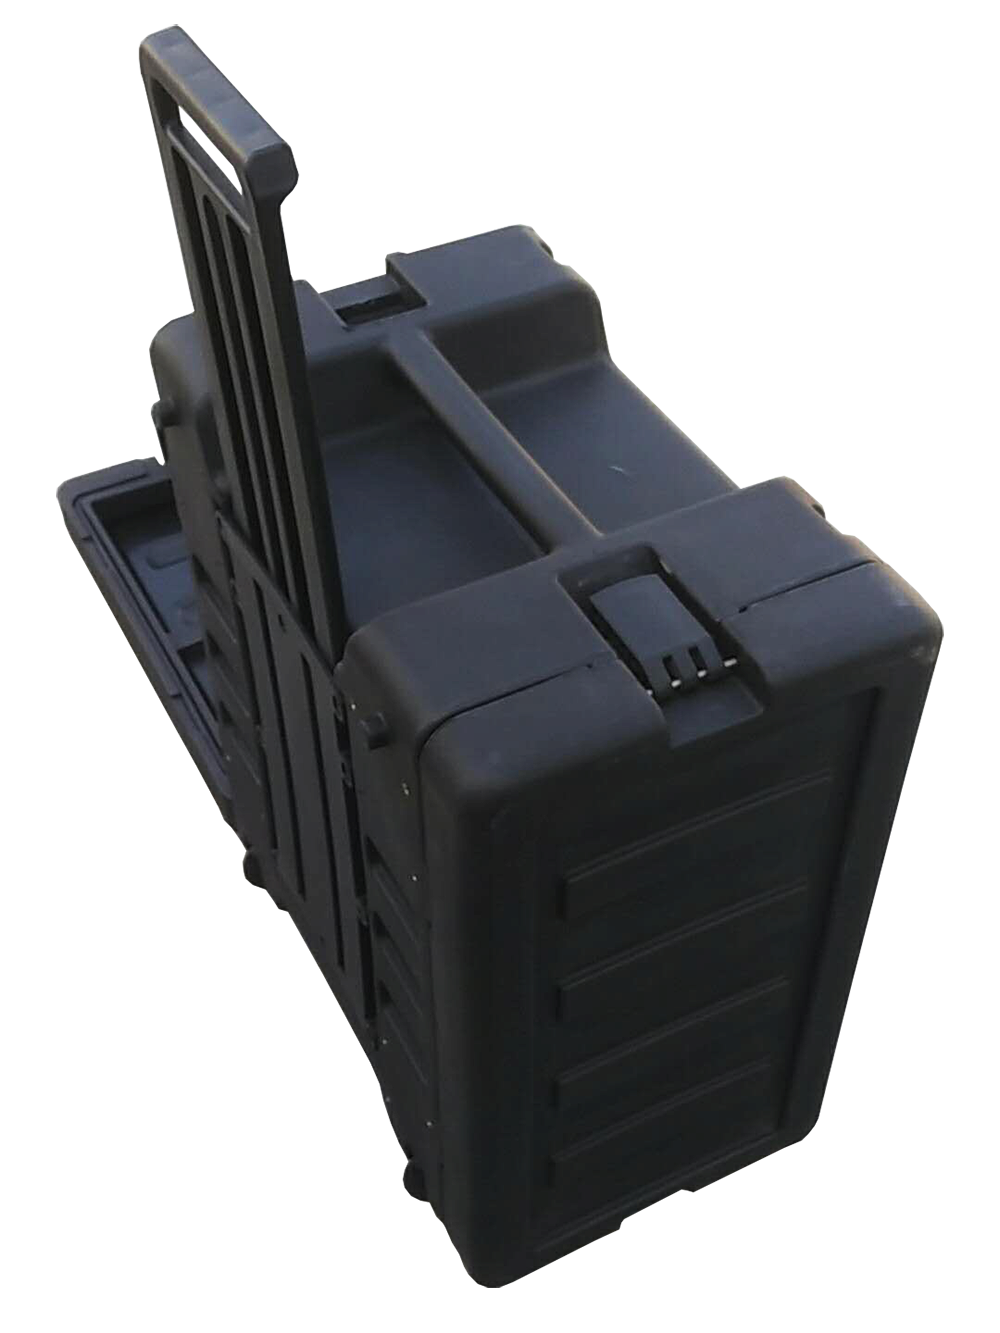 ثلاثية-صندوق تثبيت على الرف ، مقاوم للماء ، مقاوم للصدمات ، مقاوم للغبار ، مصبوب دوّار ، 6u ، مصنع ، IP65